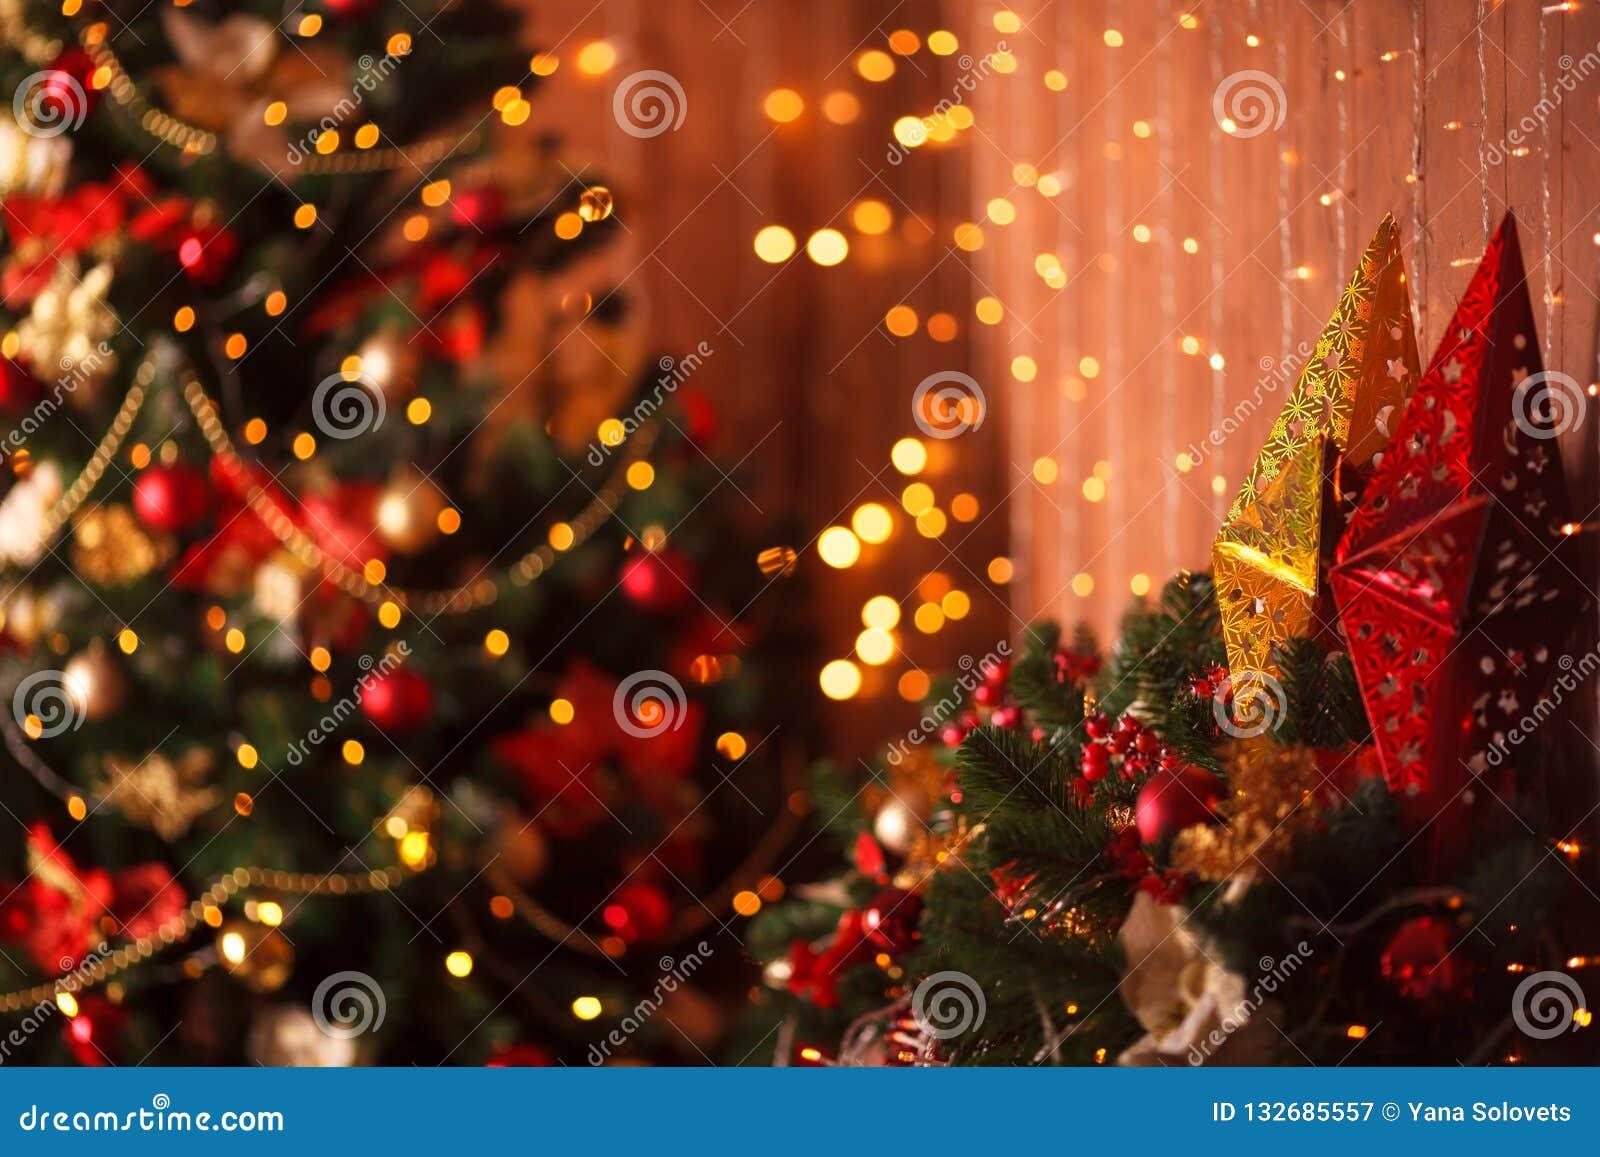 Unscharfe Sterne und Helle witn Hintergrund des Weihnachtsbaums